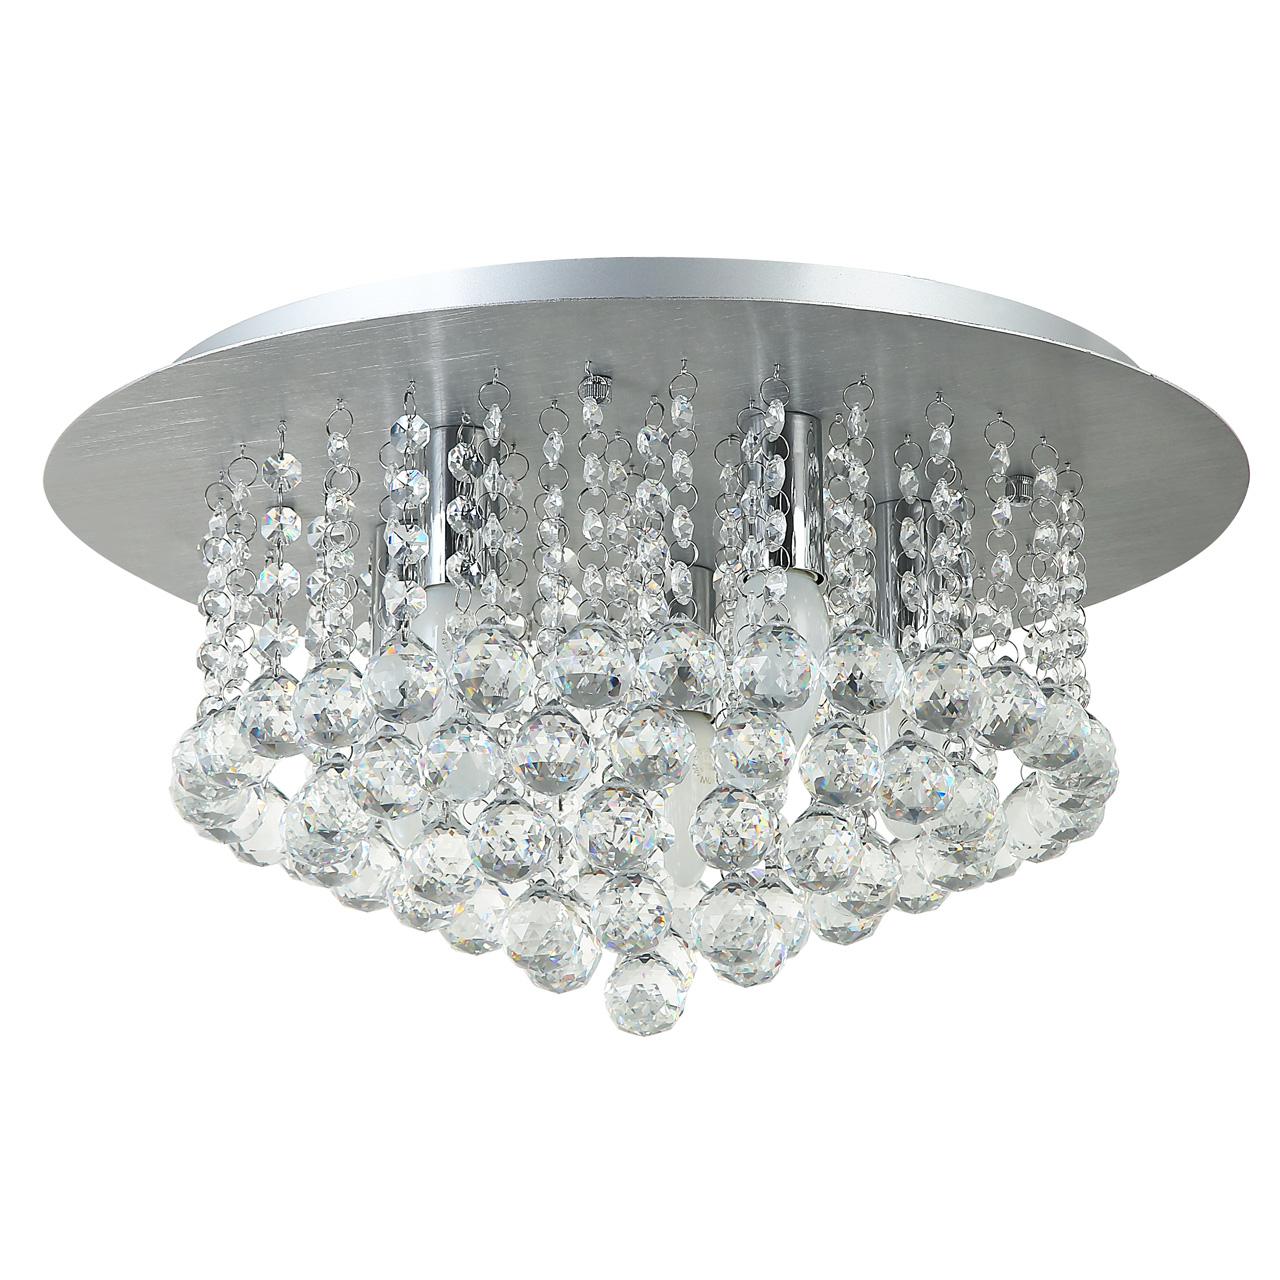 Потолочная люстра MW-Light Венеция 276014605, серебро, прозрачный, металл, хрусталь - фото 1